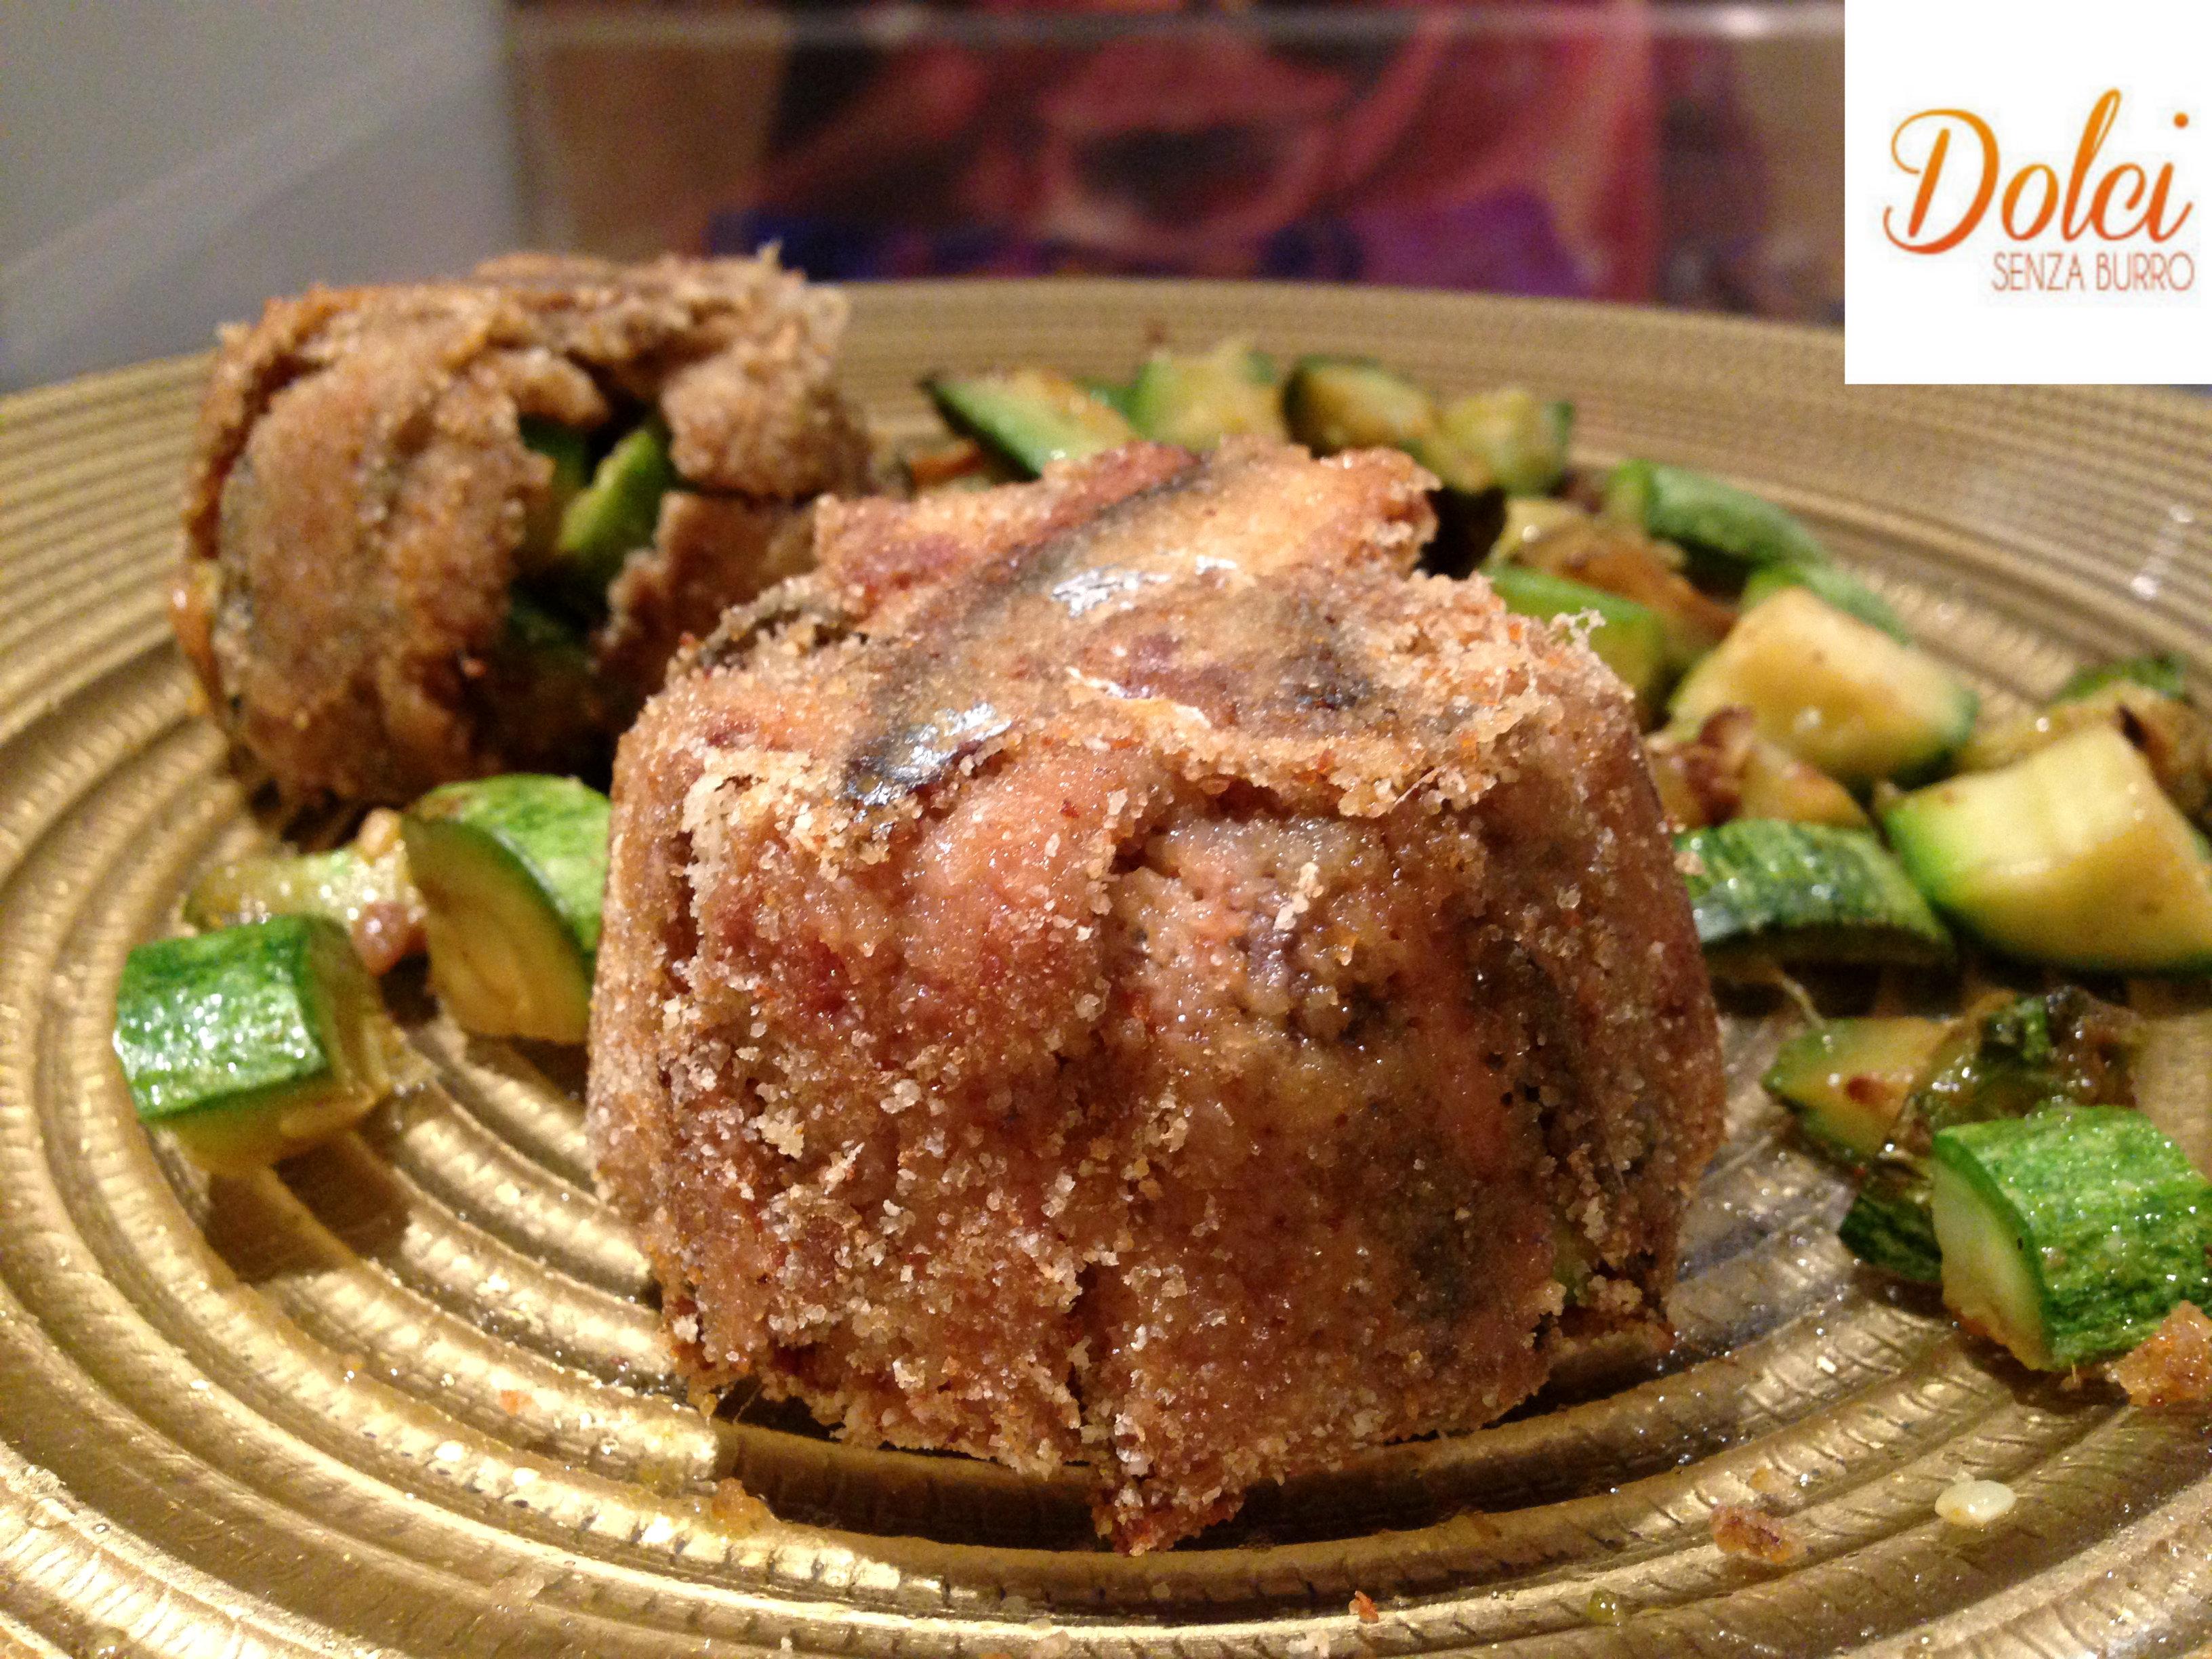 Tortino di Zucchine e Alici, un piatto facile e veloce da realizzare di dolci senza burro